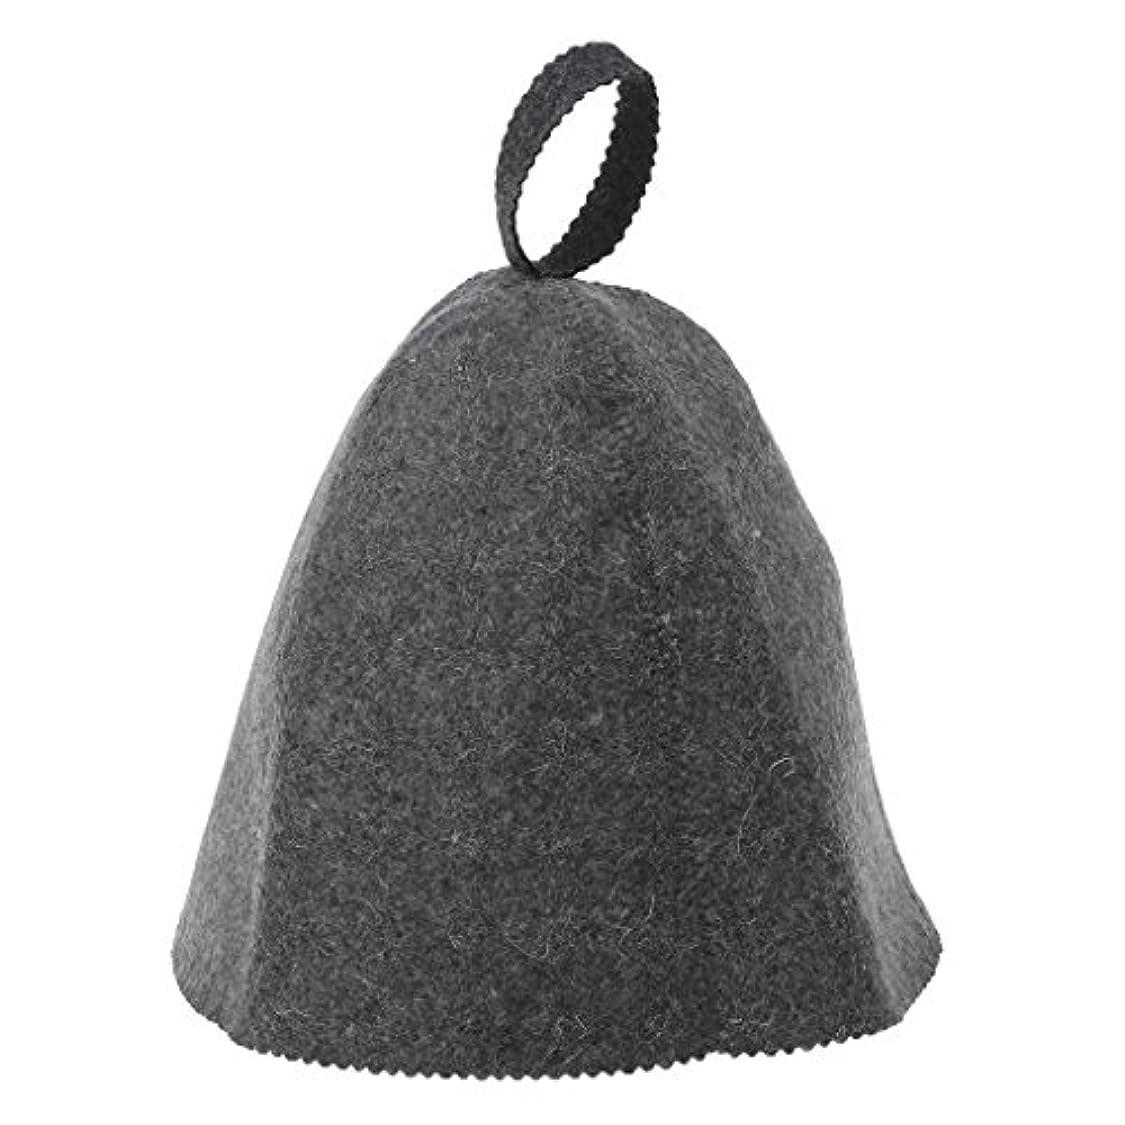 美人人気のボクシングLANDUMのウールのフェルトのサウナの帽子、浴室の家の頭部の保護のための反熱ロシアのバニヤ帽子